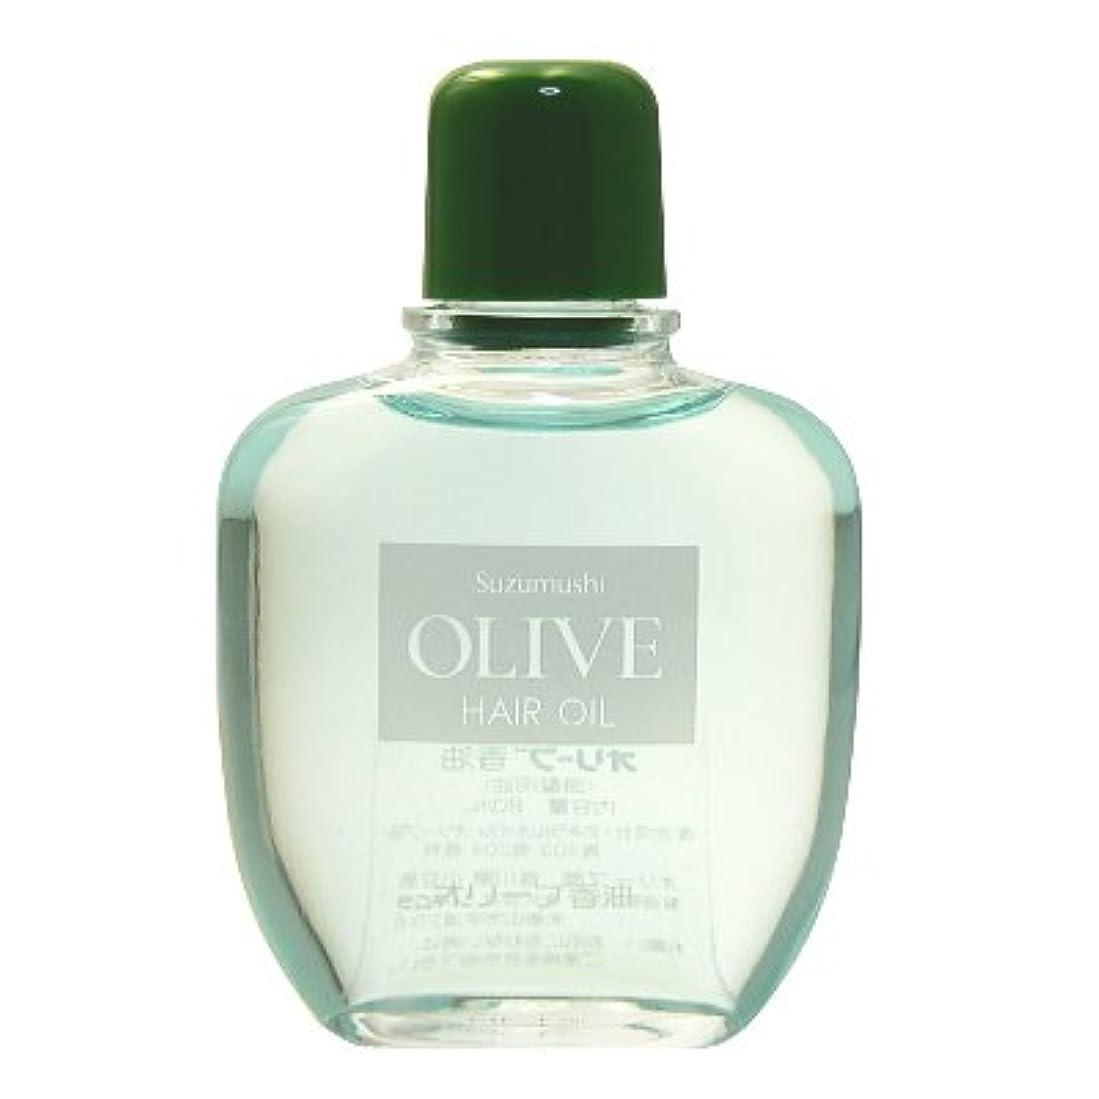 過敏なそれにもかかわらず通り抜ける鈴虫化粧品 オリーブ香油(頭髪用油)80ml